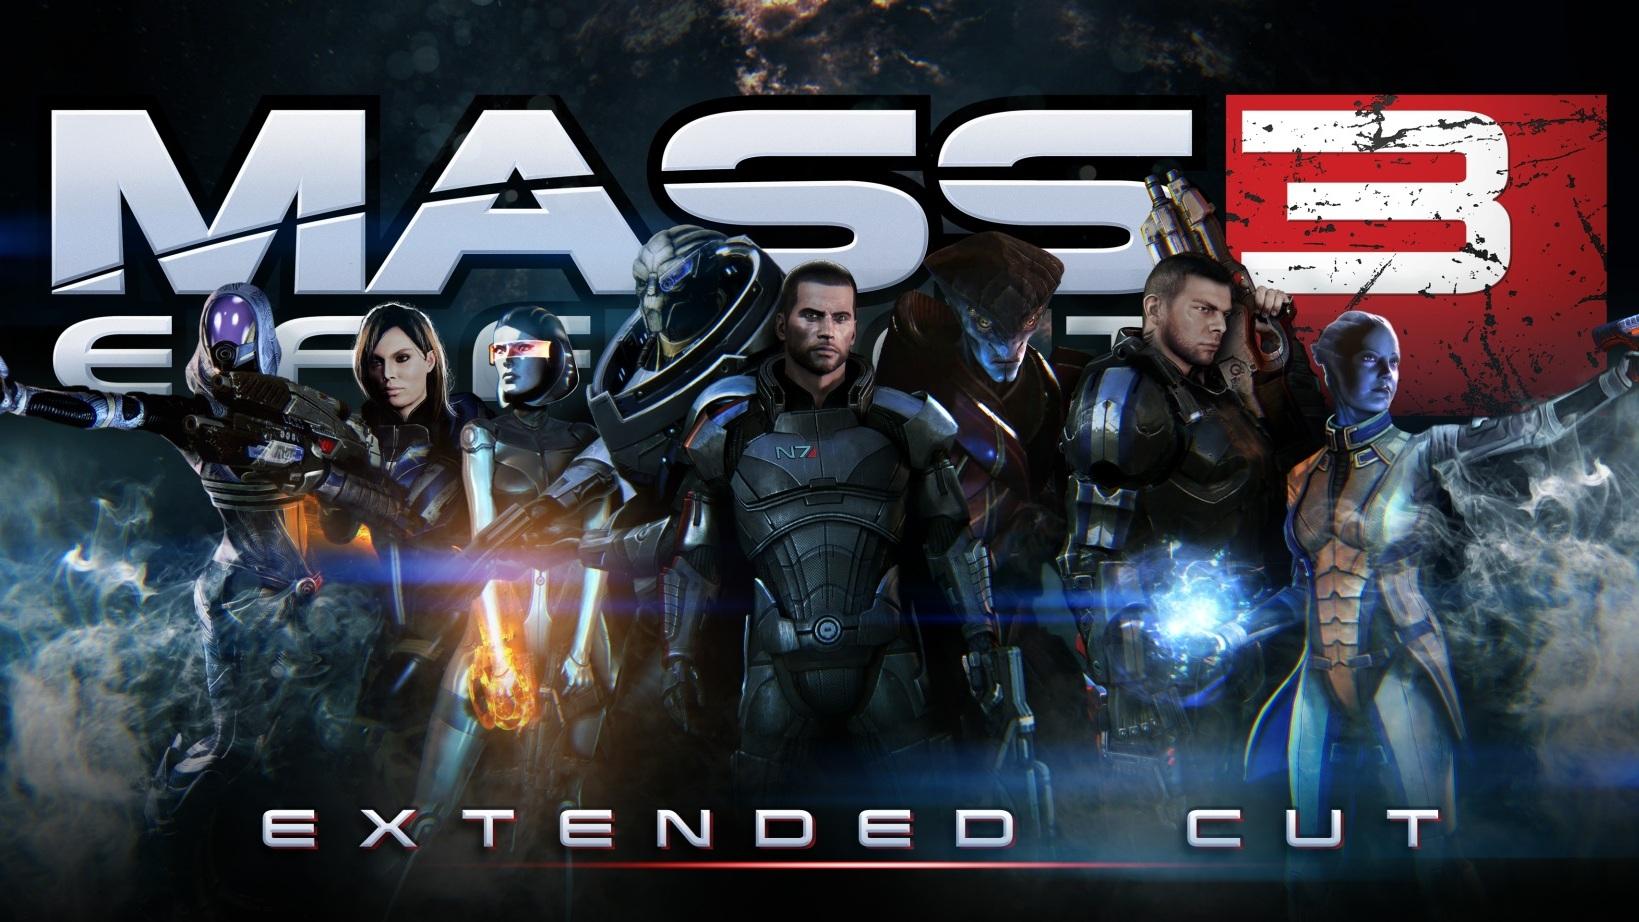 mass effect 3 video - photo #28